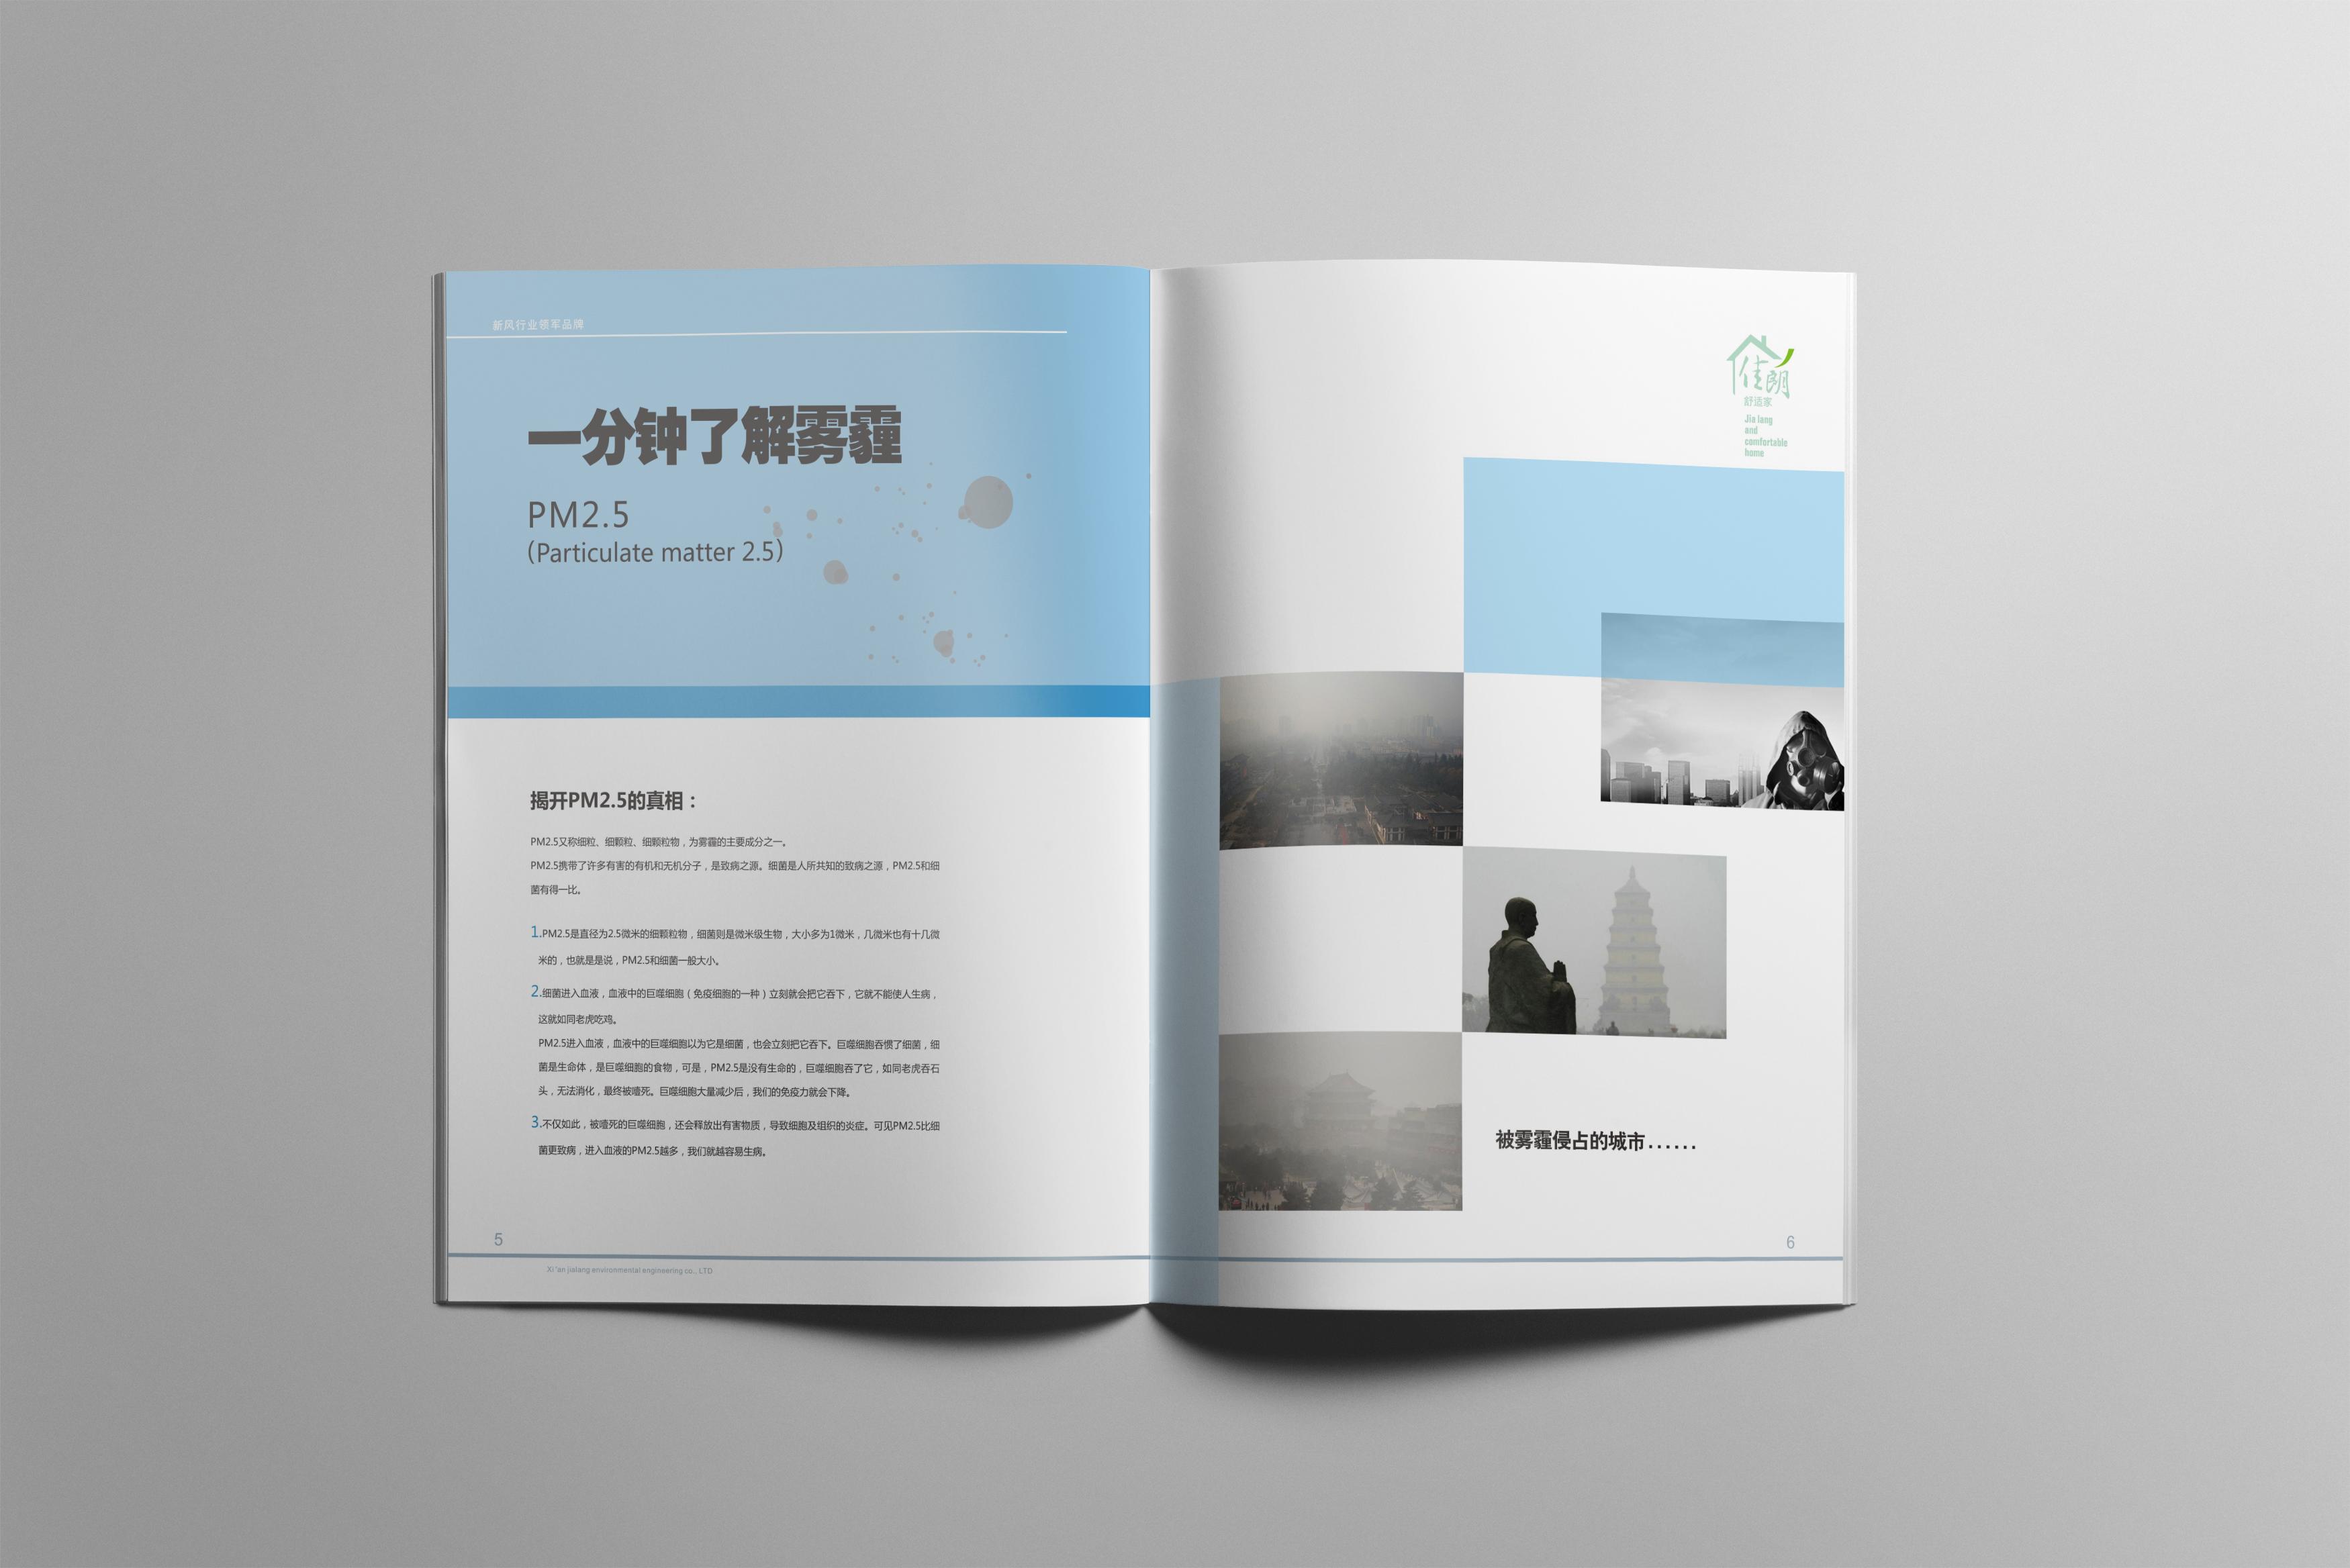 新风企业产品宣传册图片